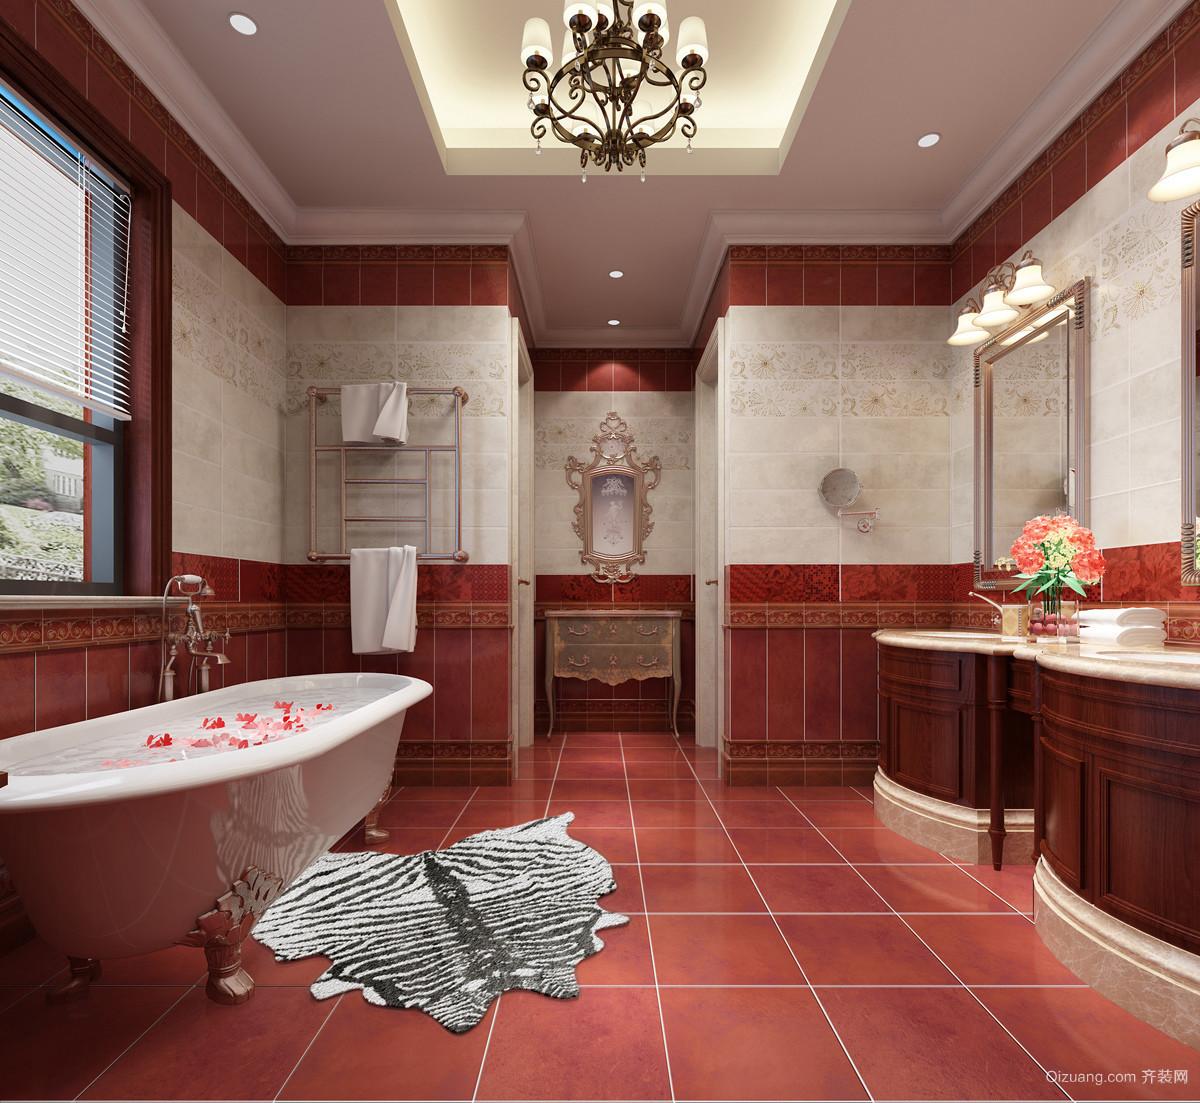 高品质家居选择:整体欧式卫生间装修效果图展示